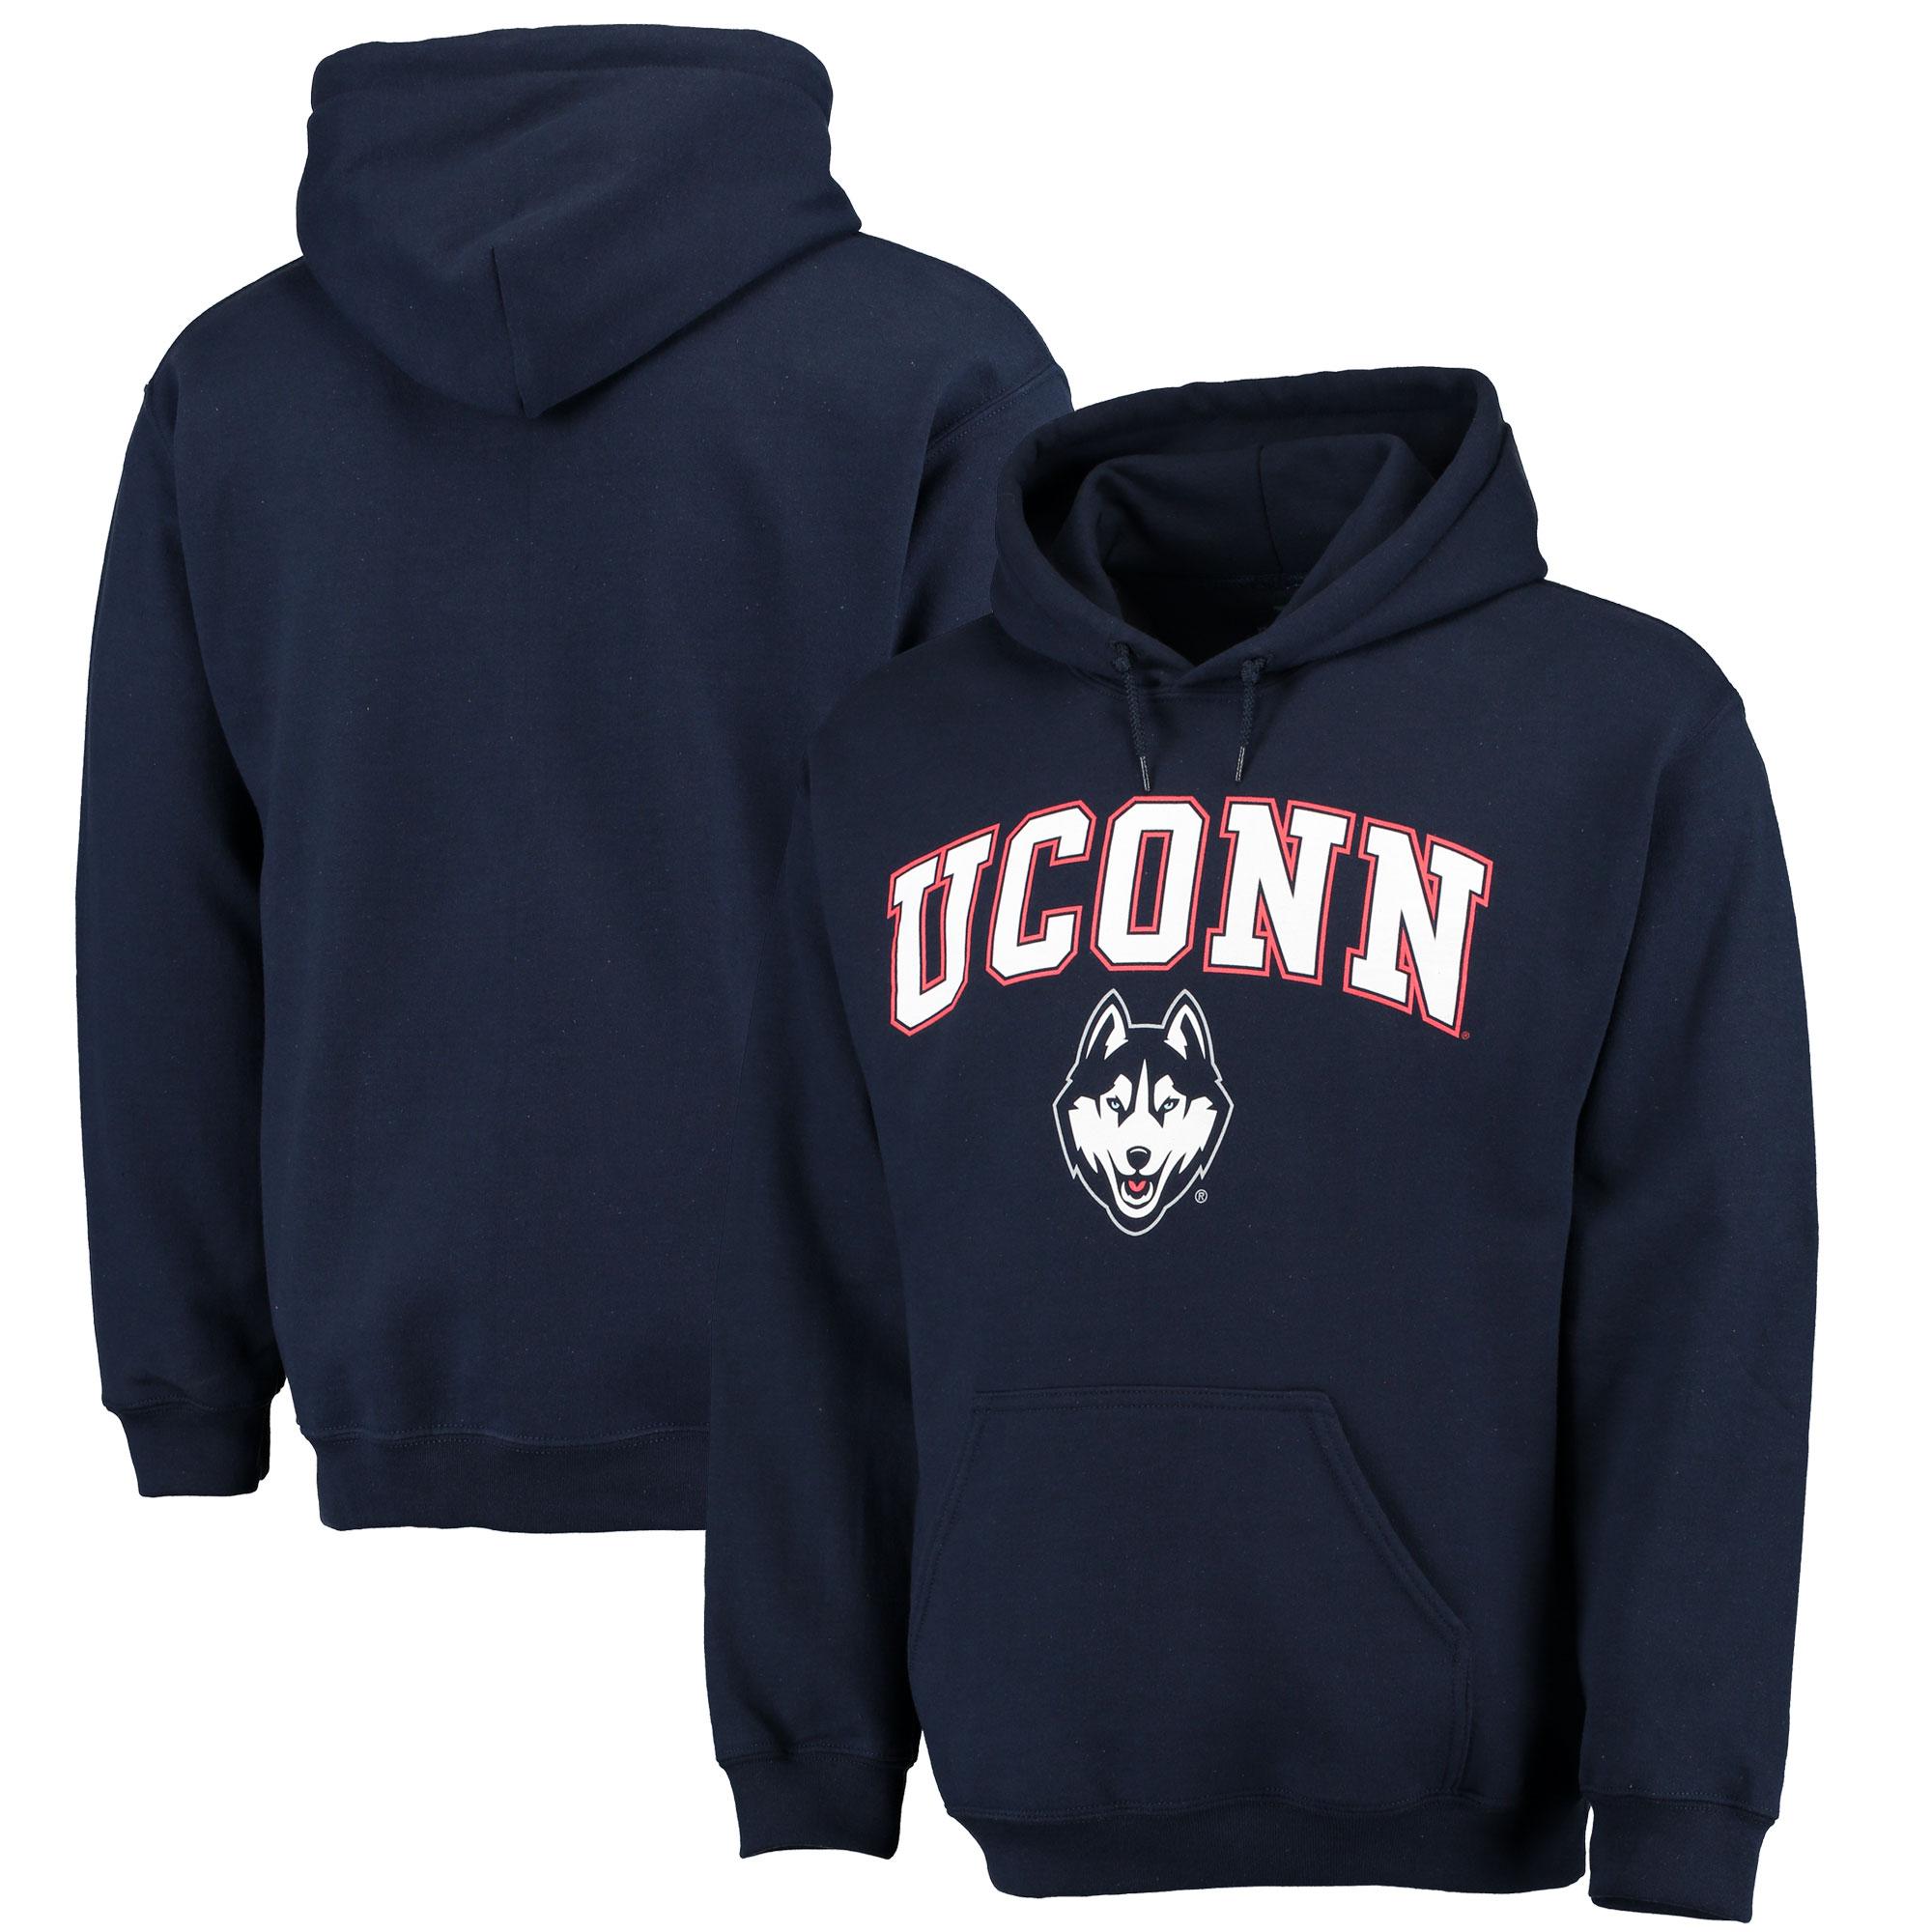 UConn Huskies Black Campus Pullover Hoodie (2)